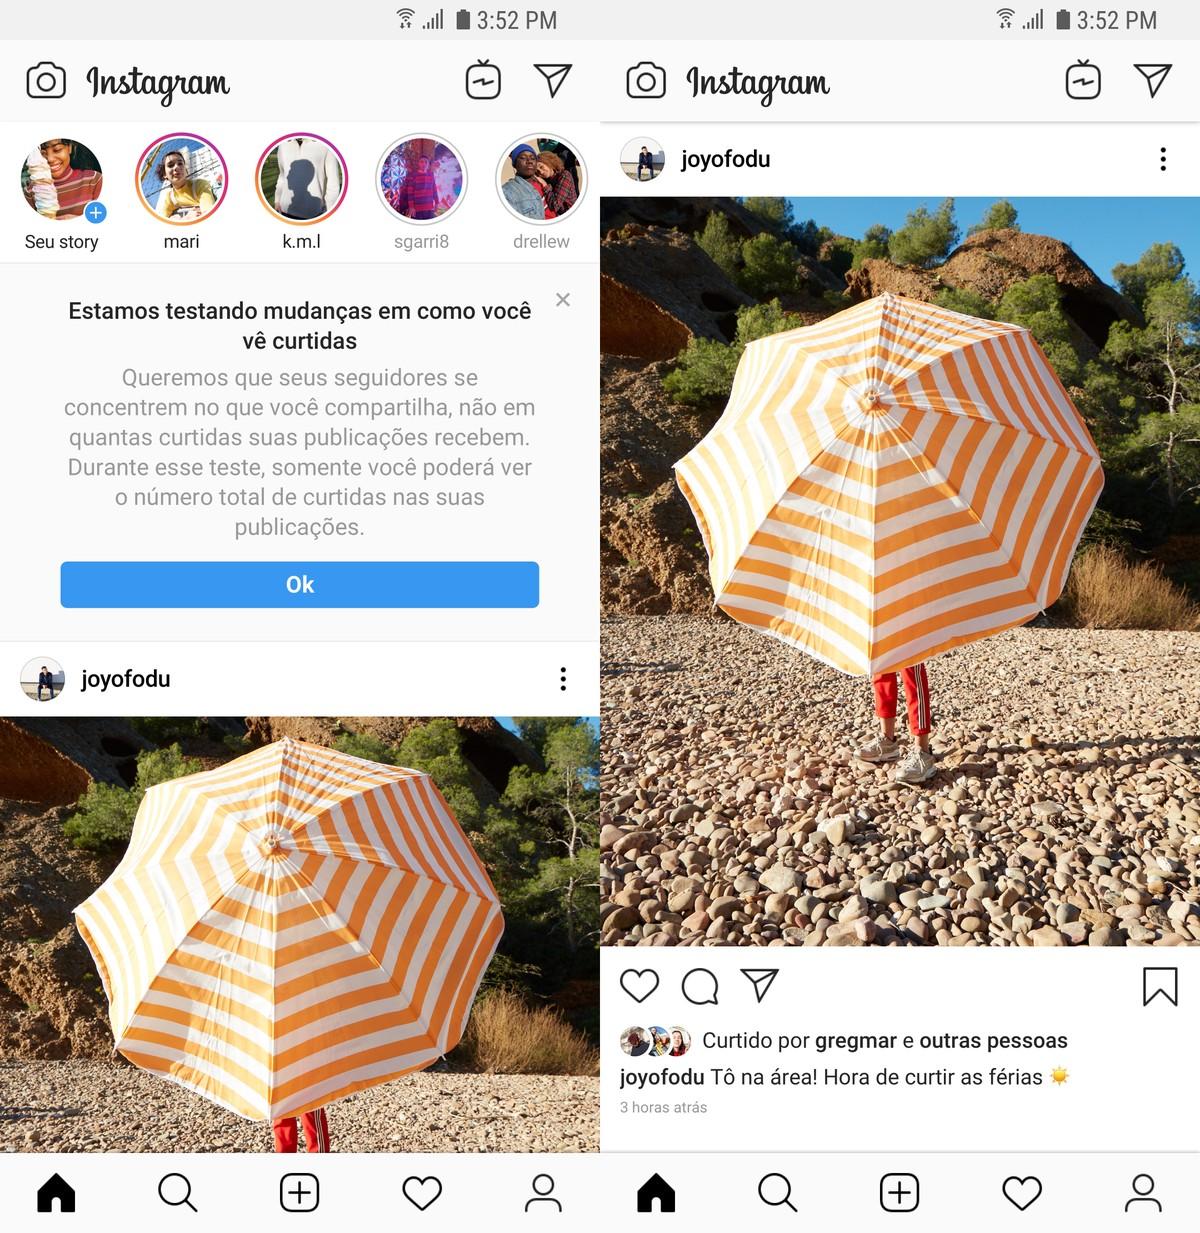 Instagram começa a testar remoção da contagem de curtidas nos EUA - G1